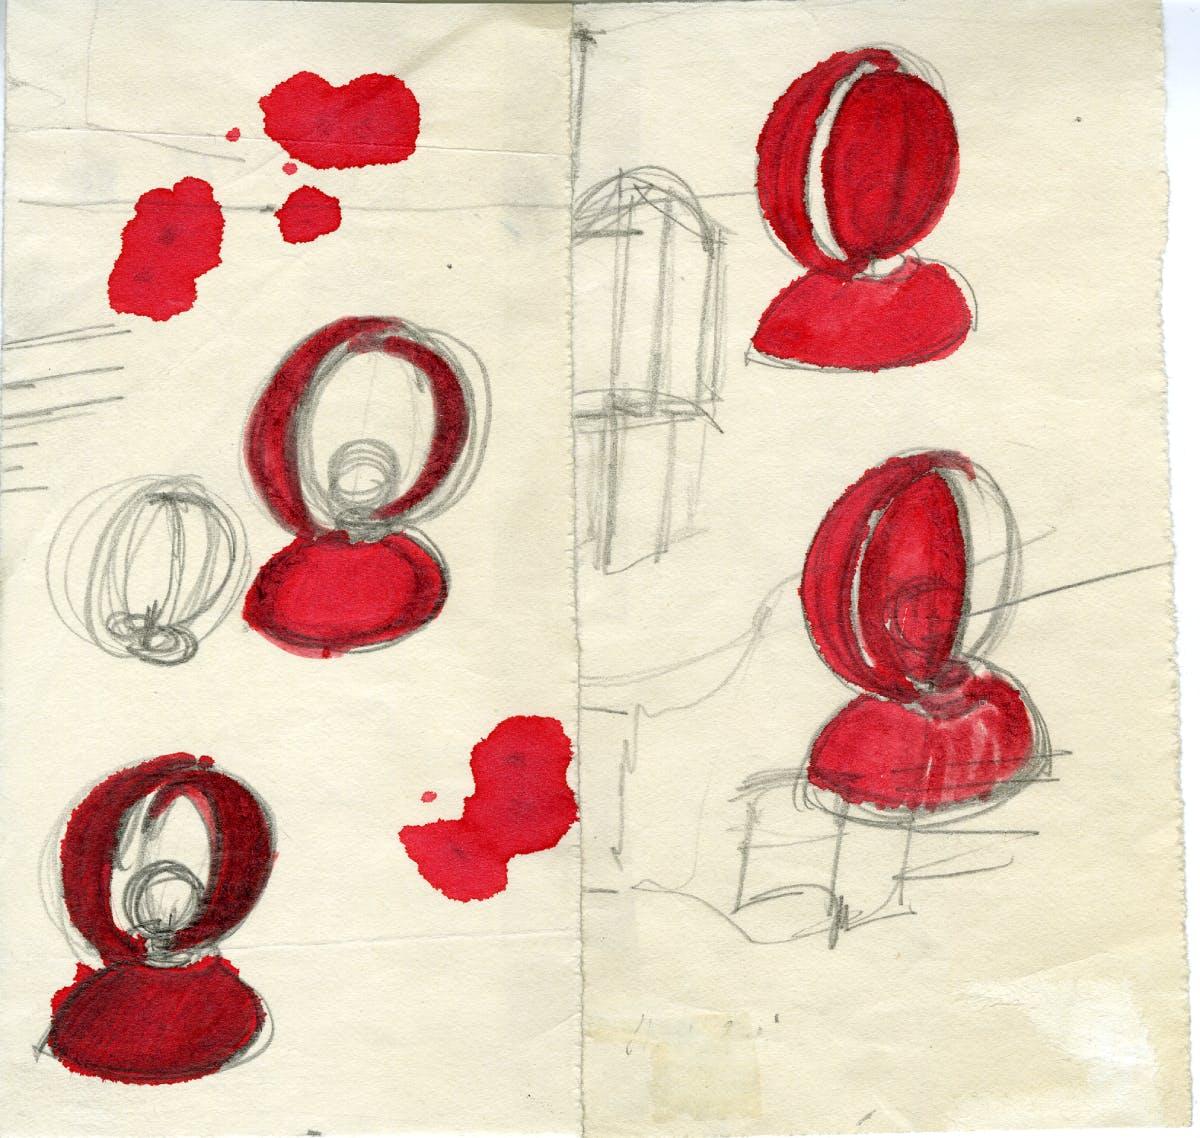 Eclisse, Artemide, ©Archivio Studio Magistretti – Fondazione Vico Magistretti